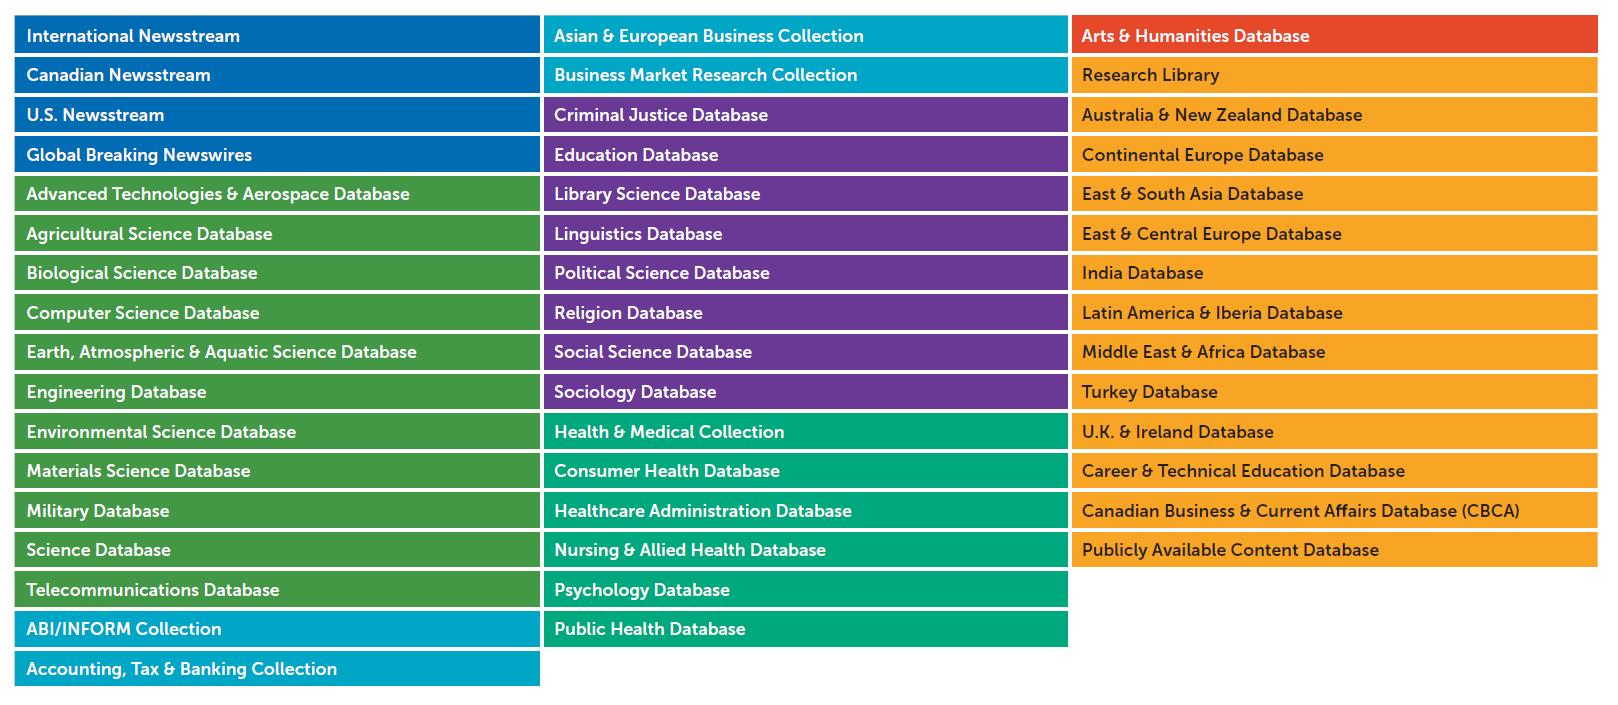 Tabla de cobertura por bases de datos  y áreas de conocimiento de ProQuest Central